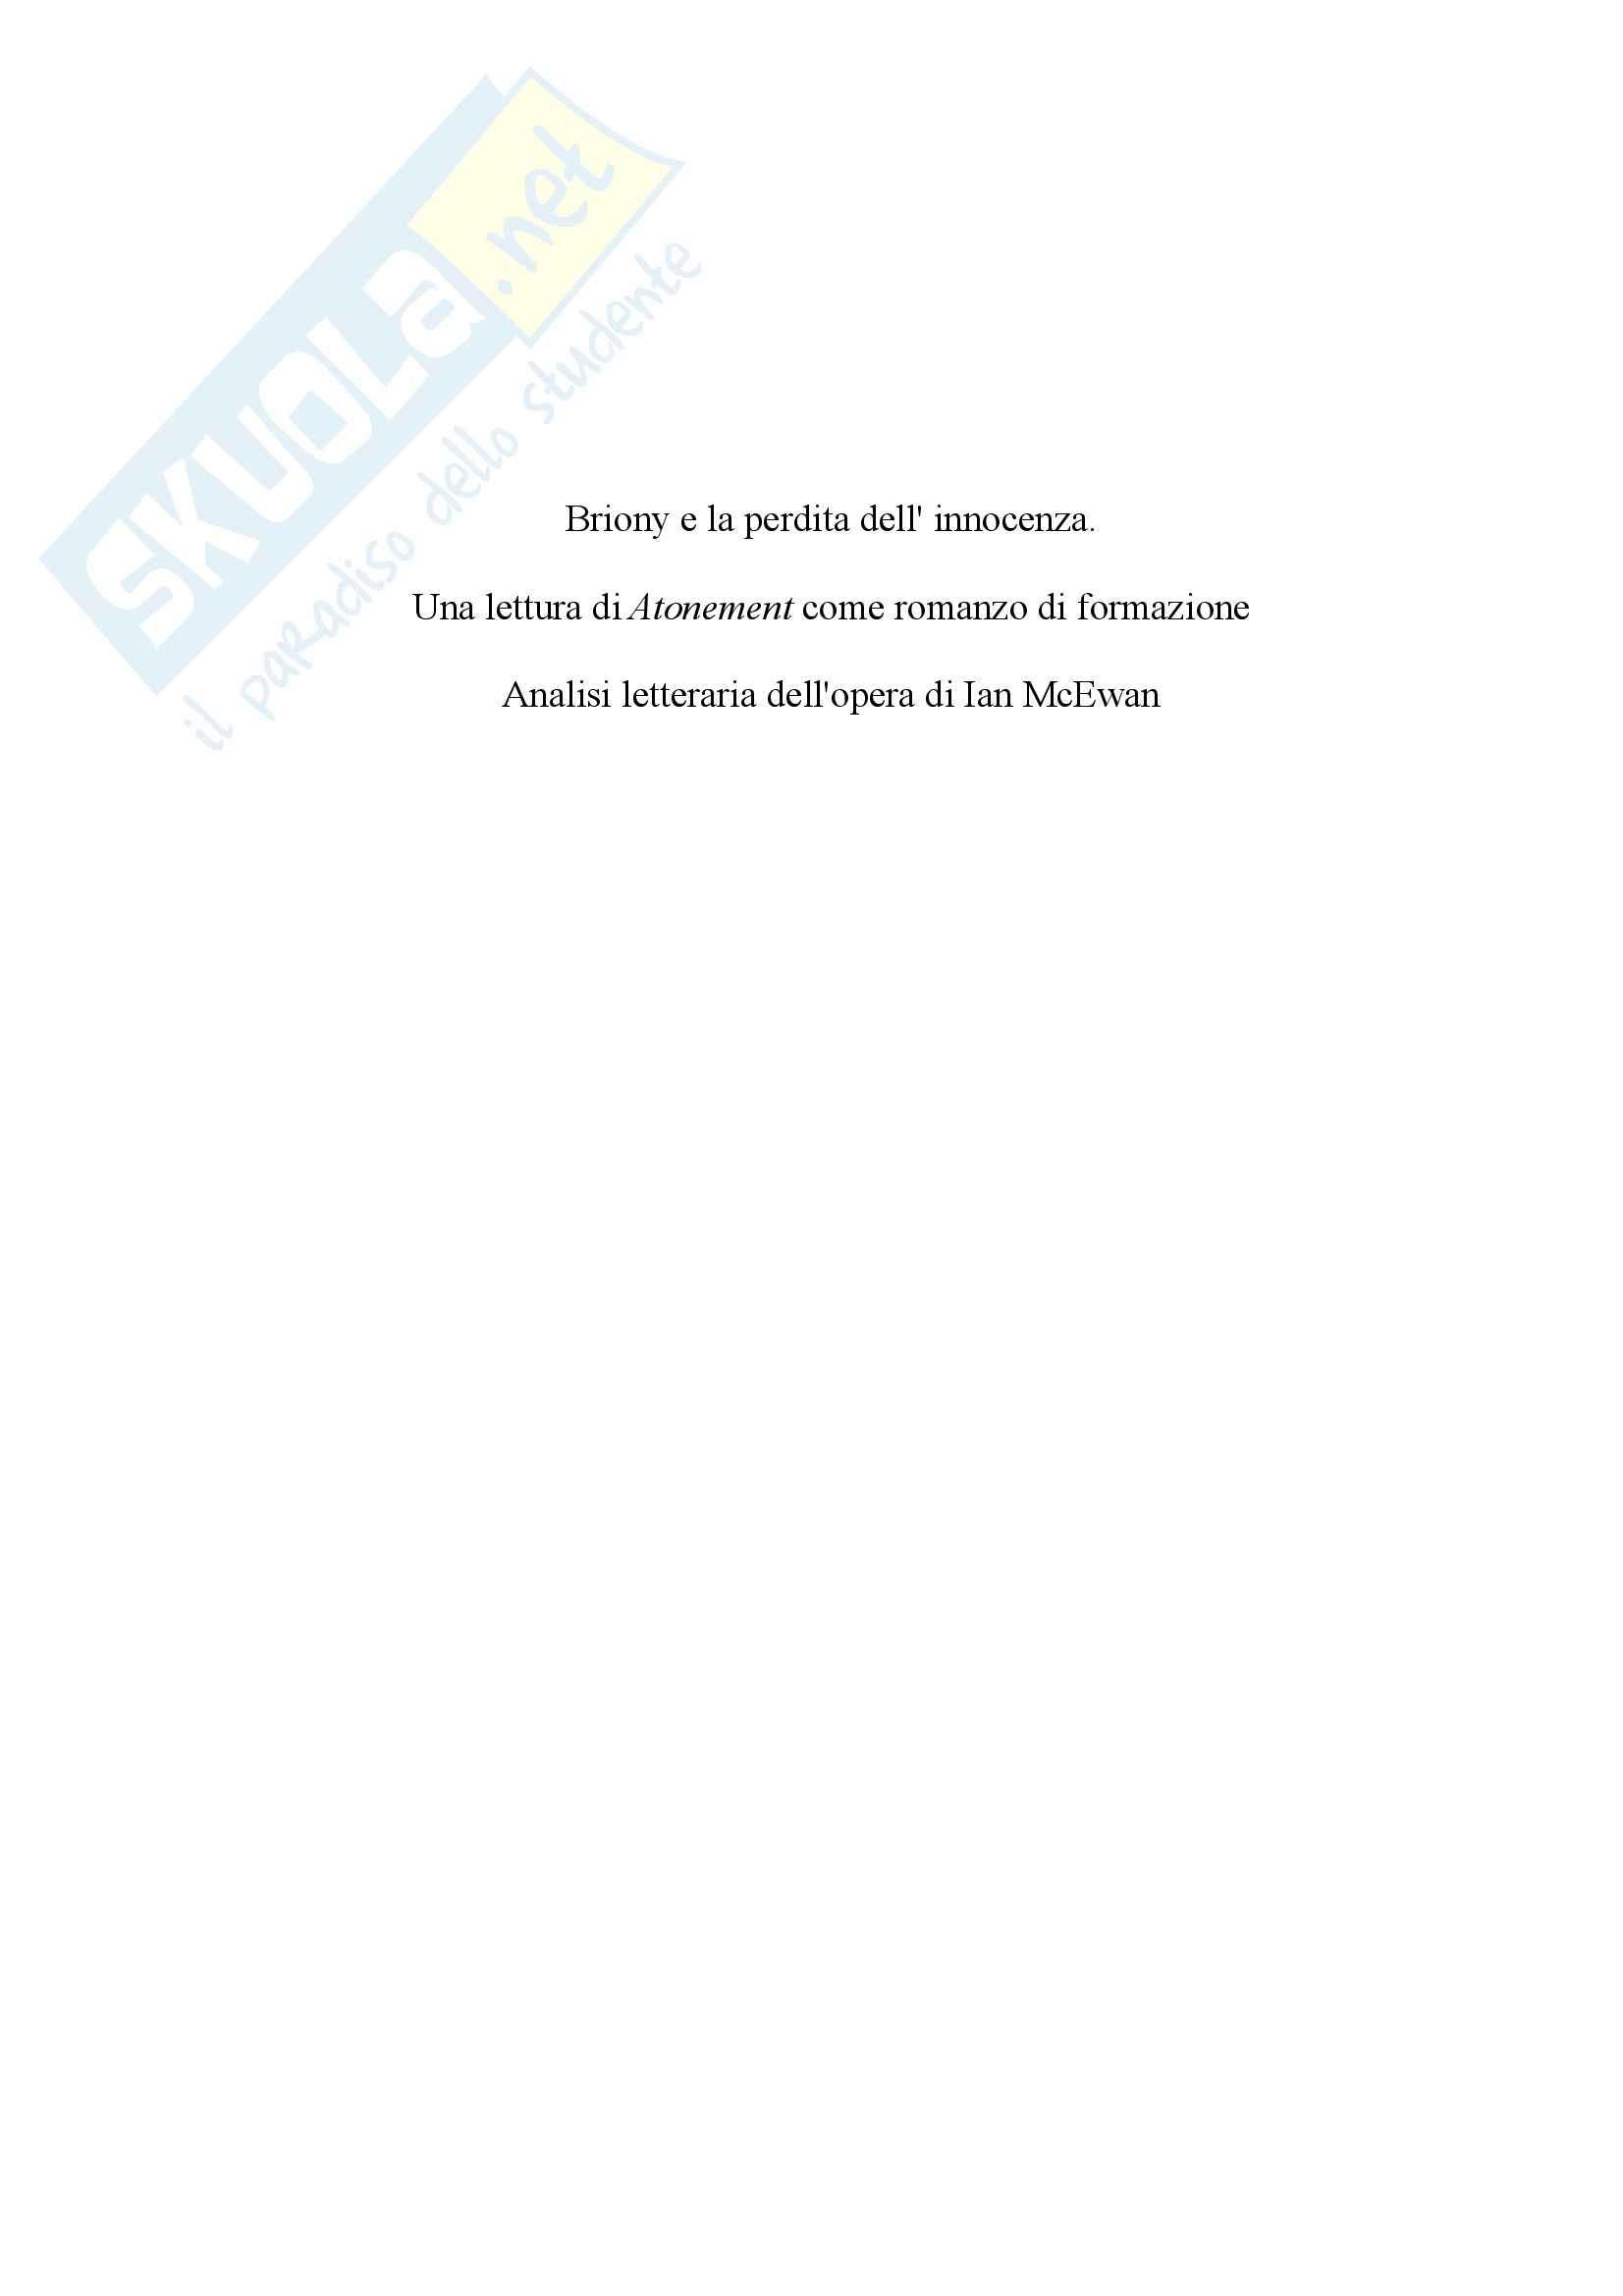 """Briony e la perdita dell'innocenza. Una lettura di """"Atonement"""" come romanzo di formazione - Tesi Pag. 2"""